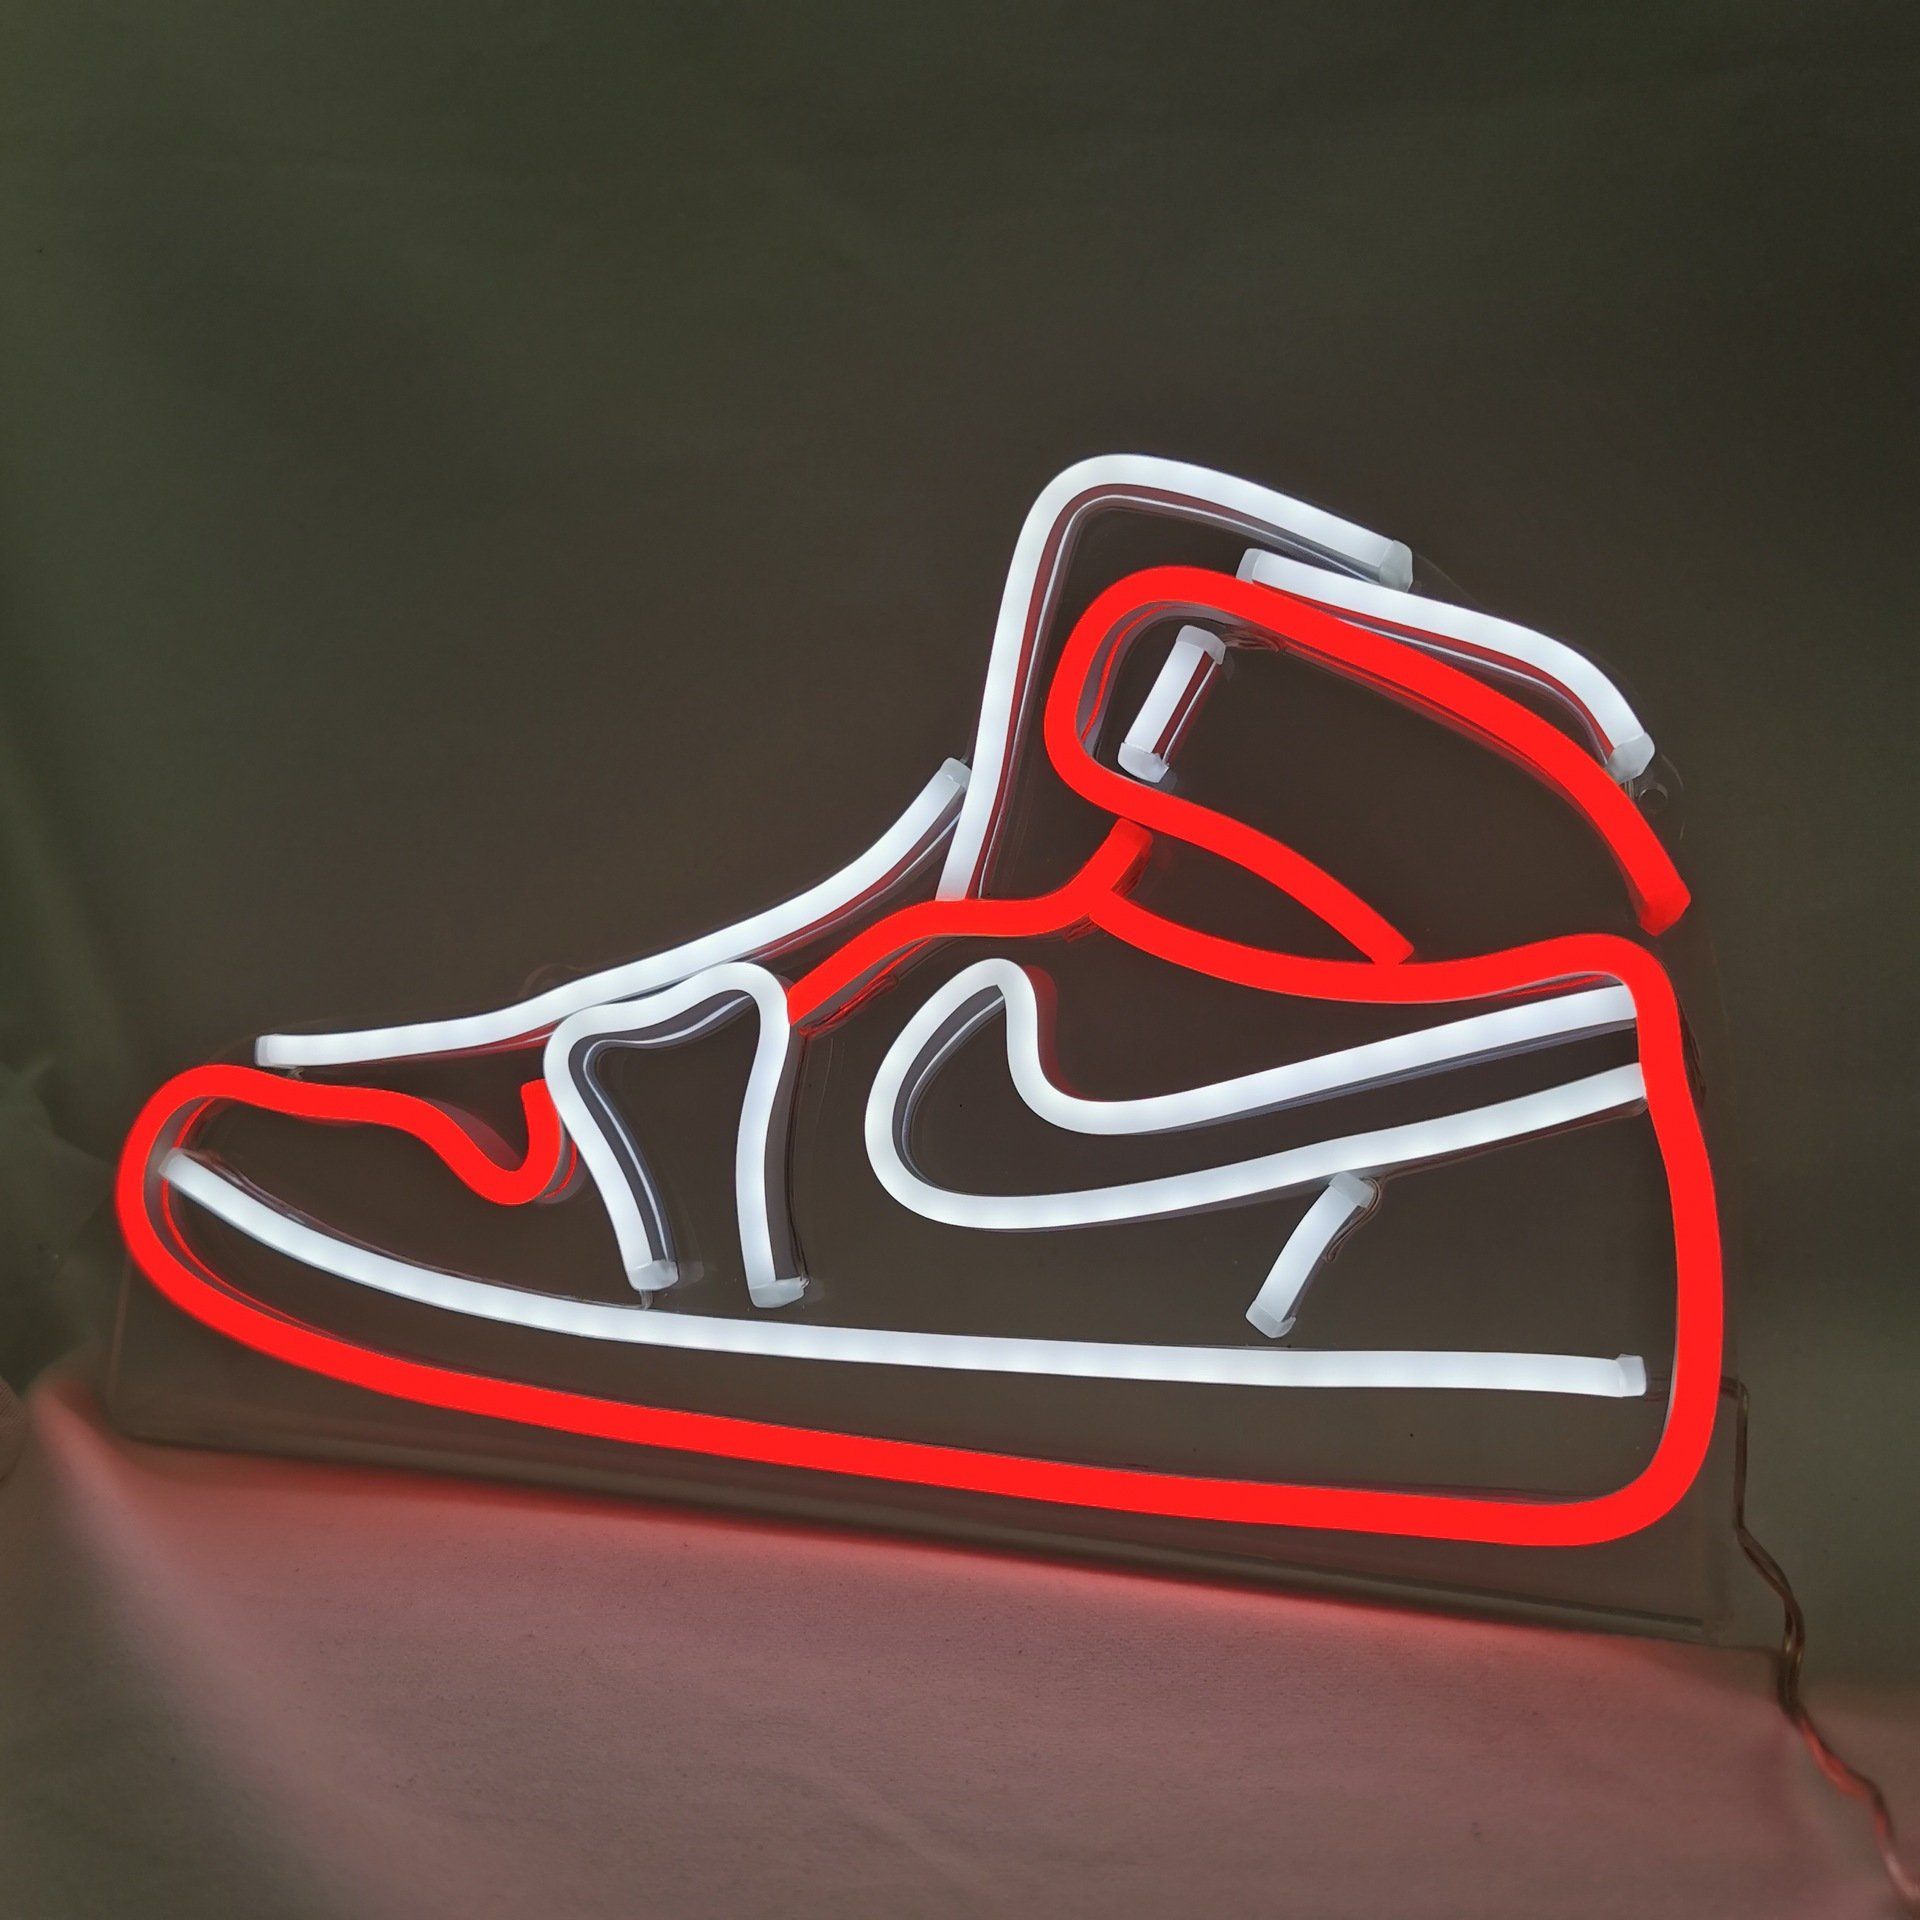 Подарок на день рождения для ботинки бойфренд неоновый светильник светодиодный гибкий неоновый светильник с указательной надписью Диспле...